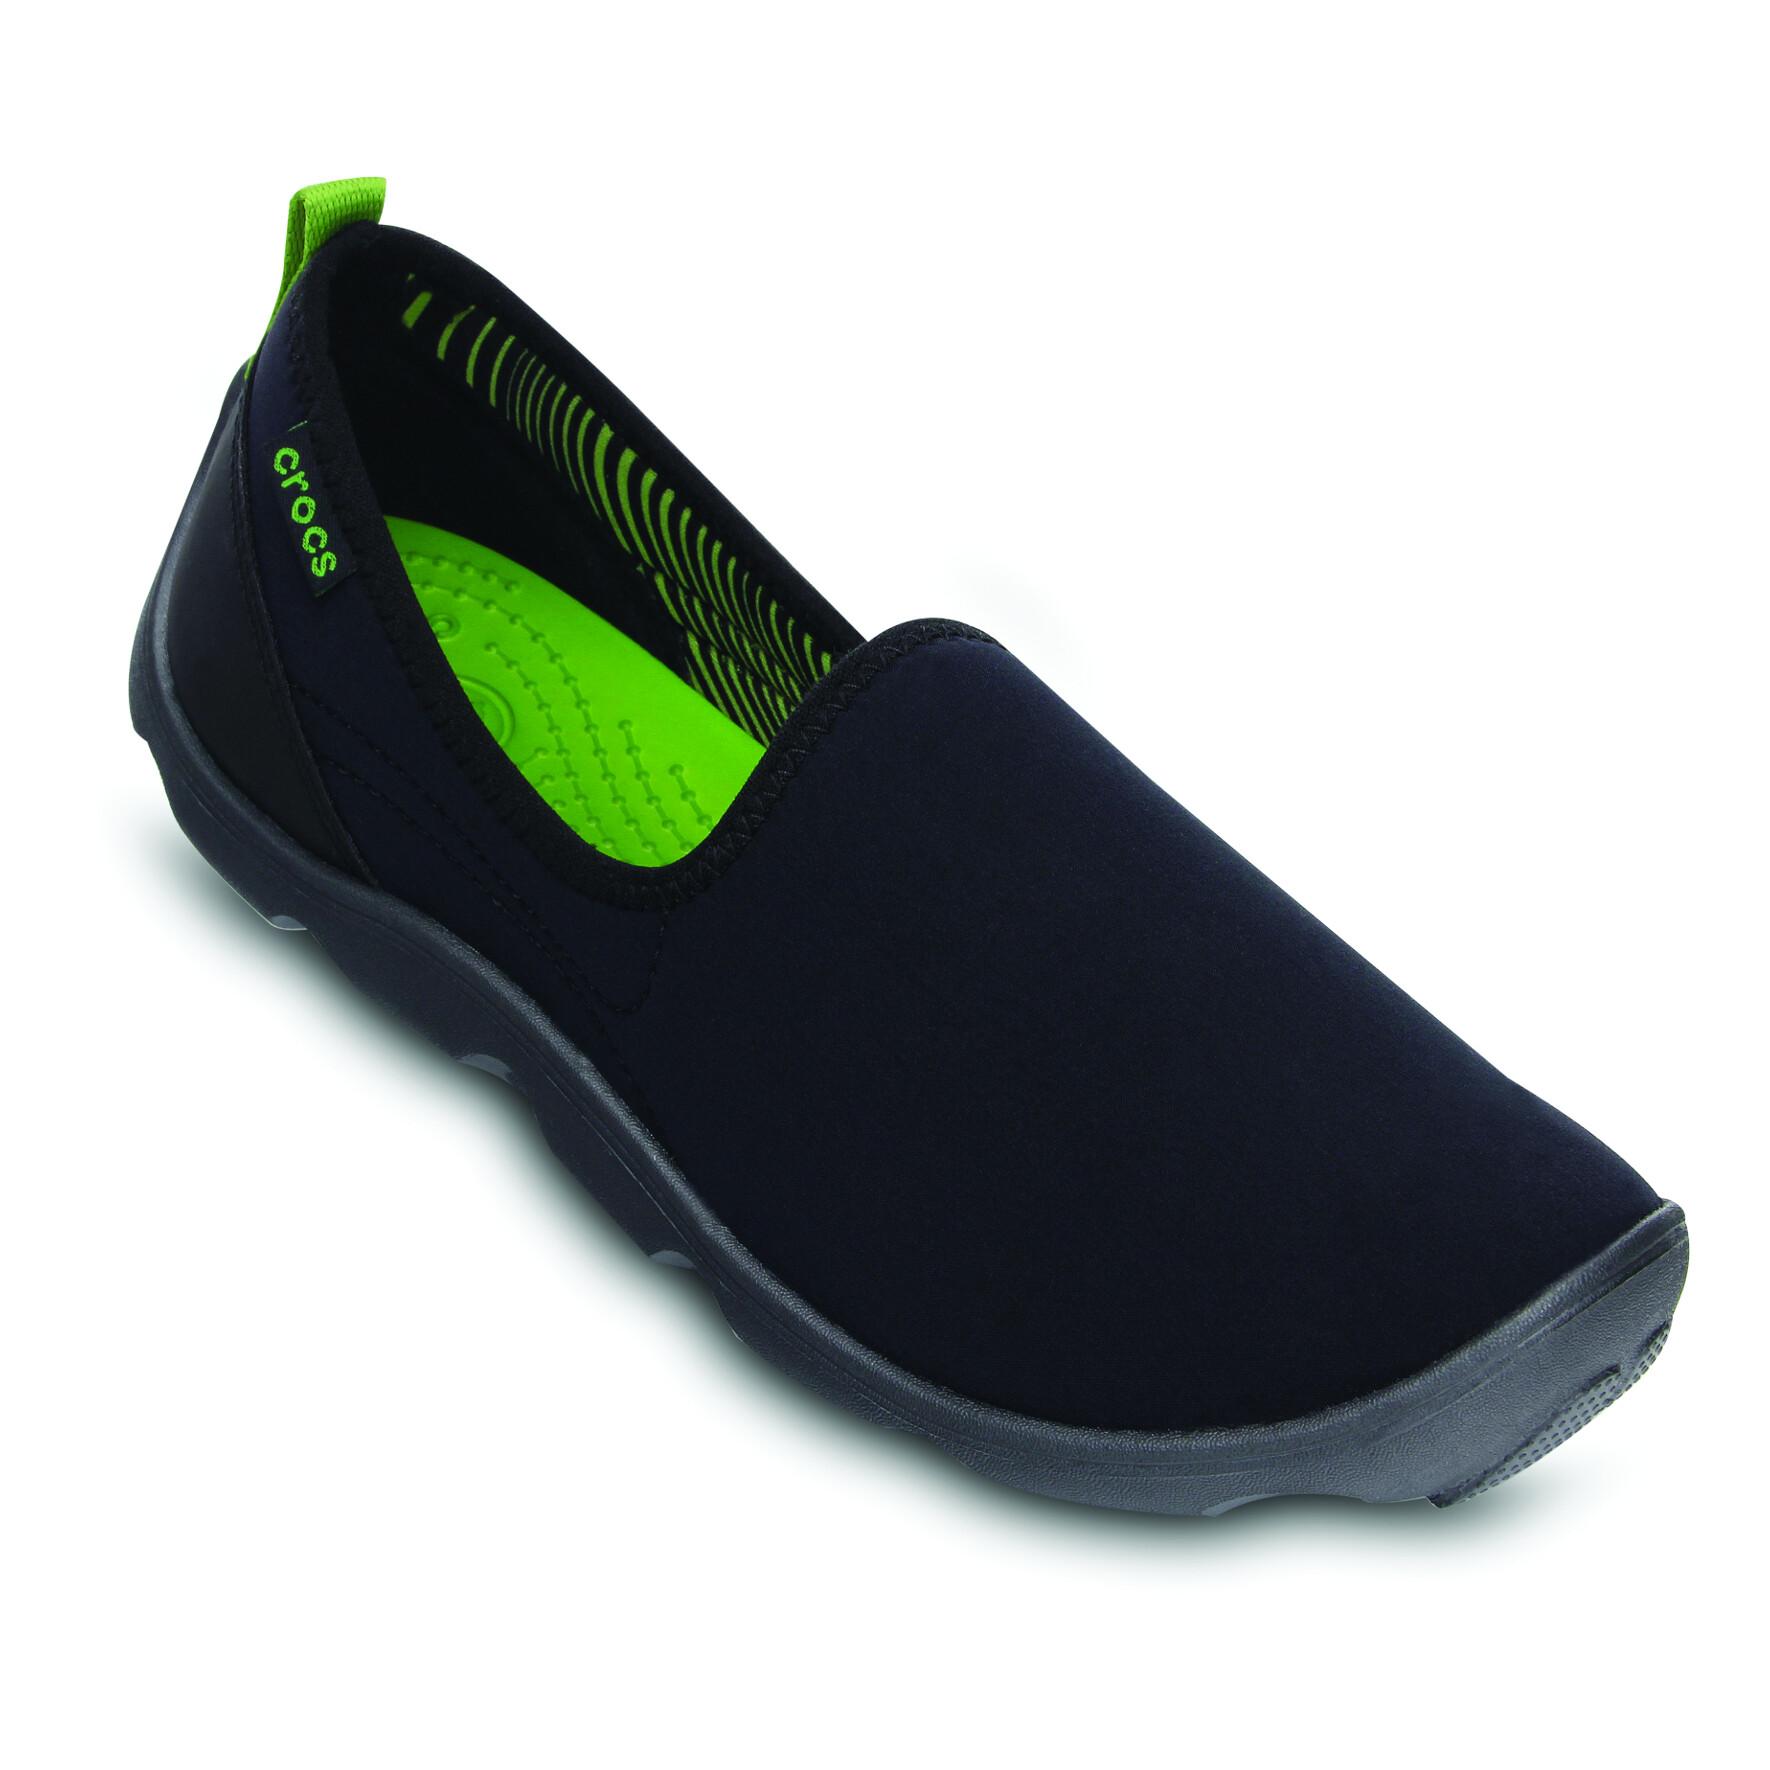 Crocs Duet Busy Day Skimmer Women's black/graphite 34-35 reisestiefel~freizeitschuhe~freizeitstiefel~schuhe~stiefel~bekleidung~outdoor~outdoorbekleidung~outdoorschuhe~outdoorstiefel